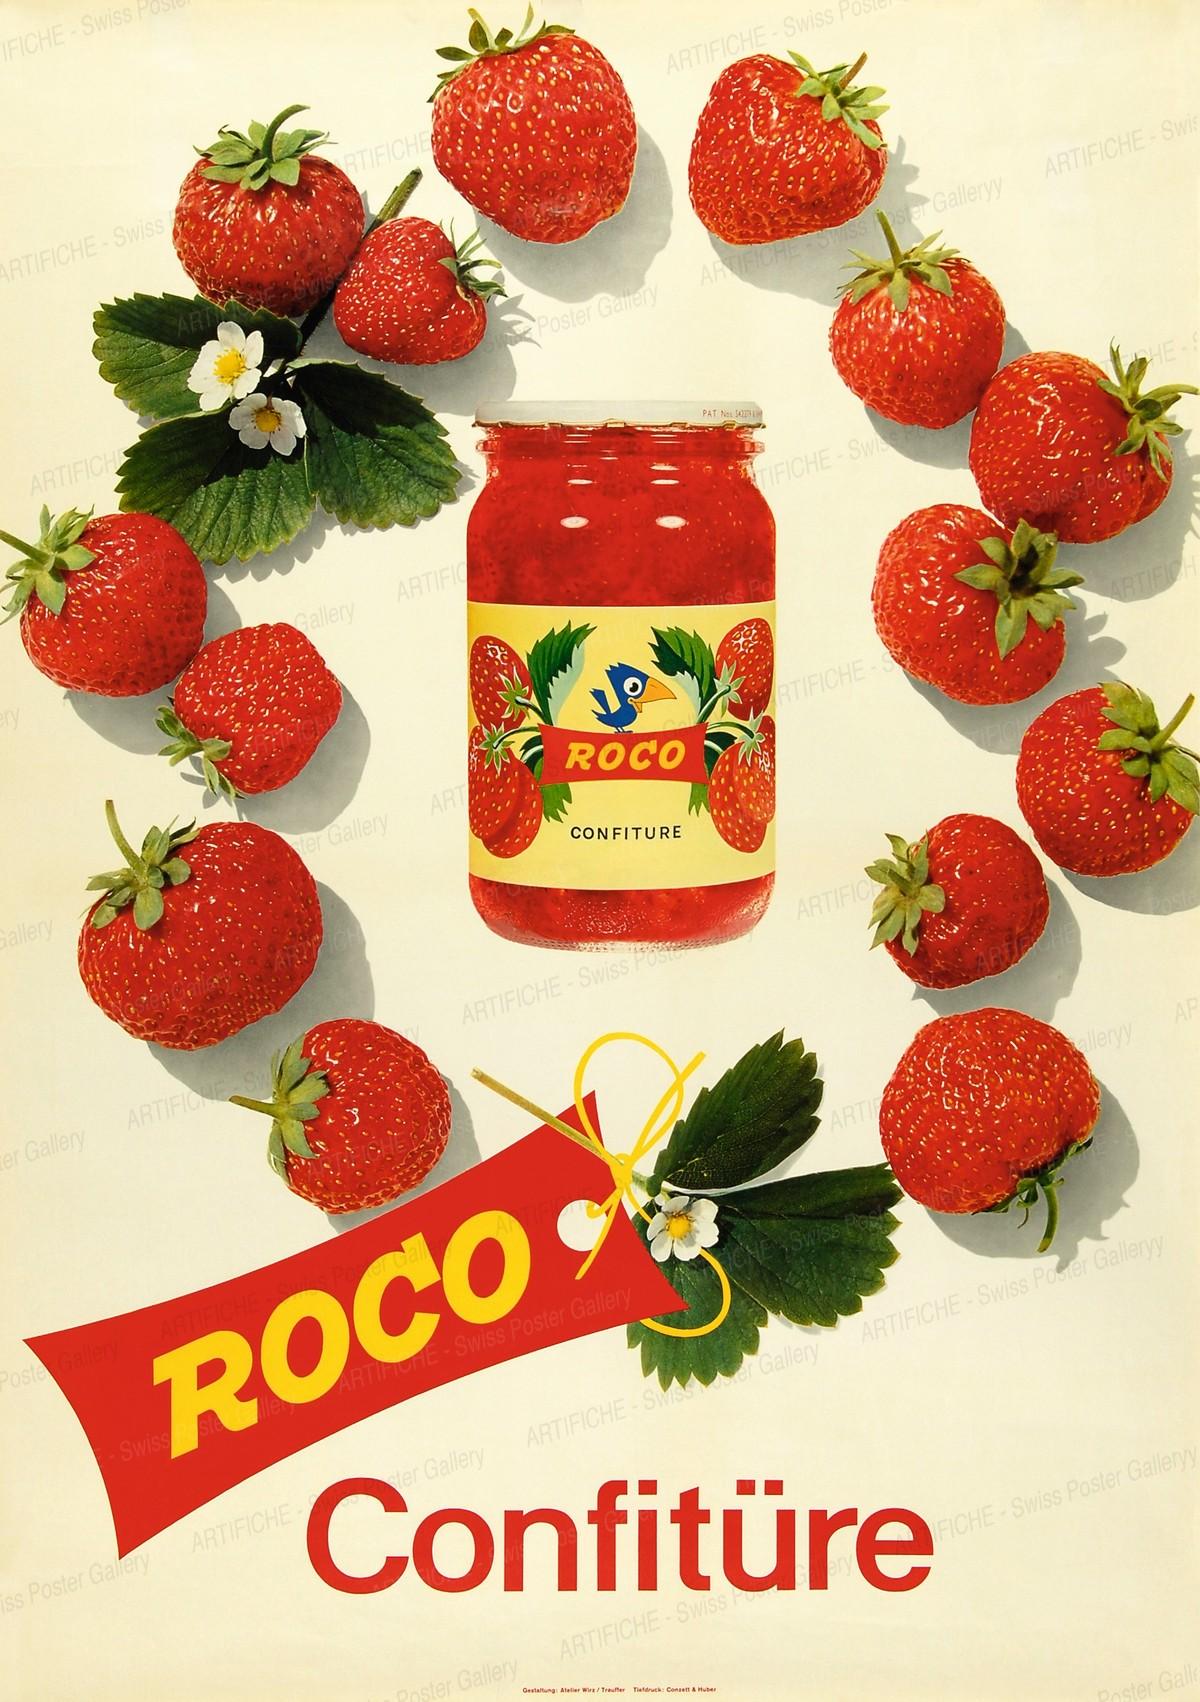 ROCO Confiture, Paul Trauffer